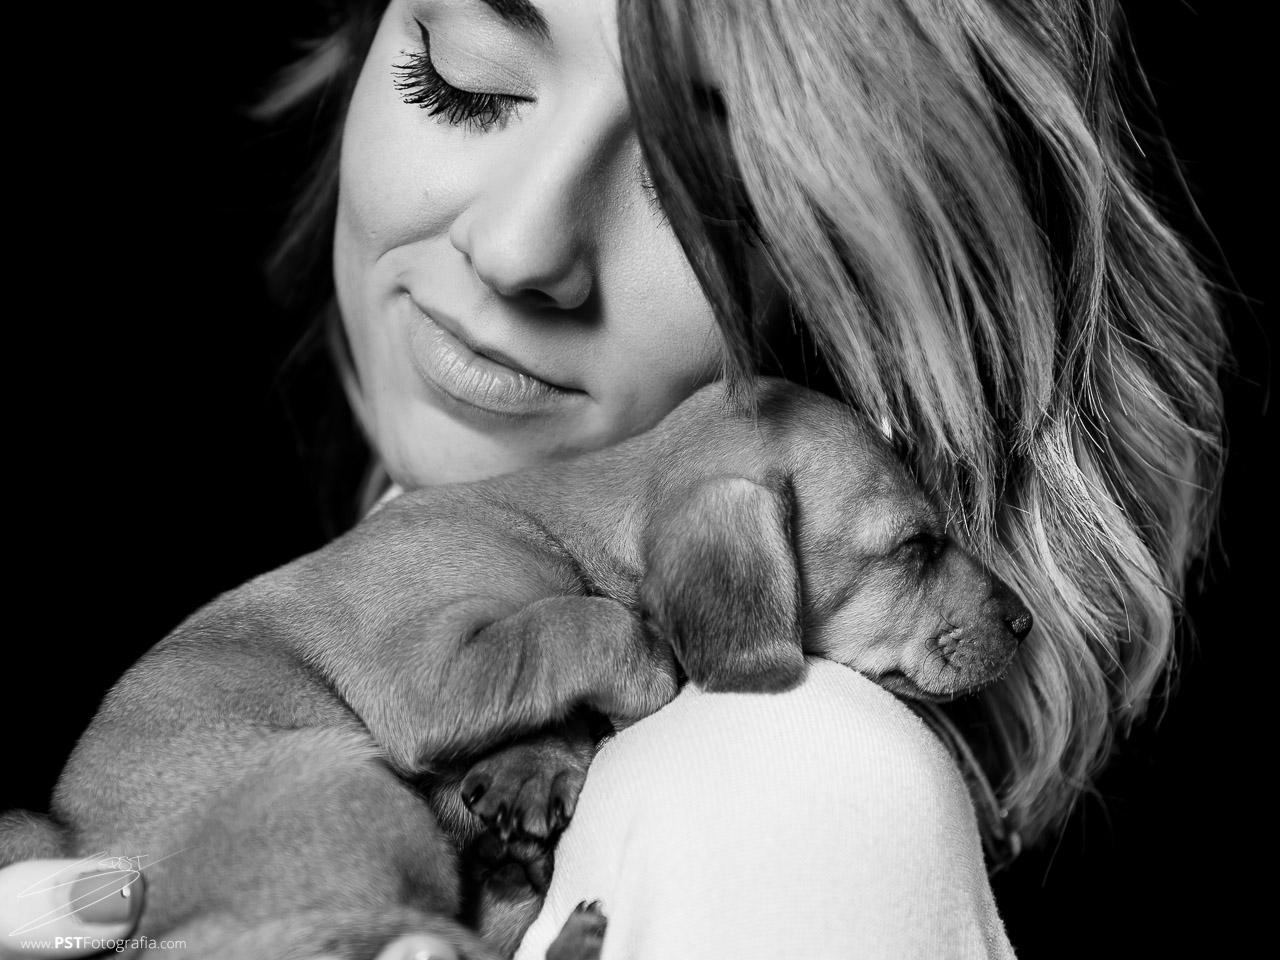 Perro salchicha durmiendo sobre el hombro de su dueña. PSTFotografía.